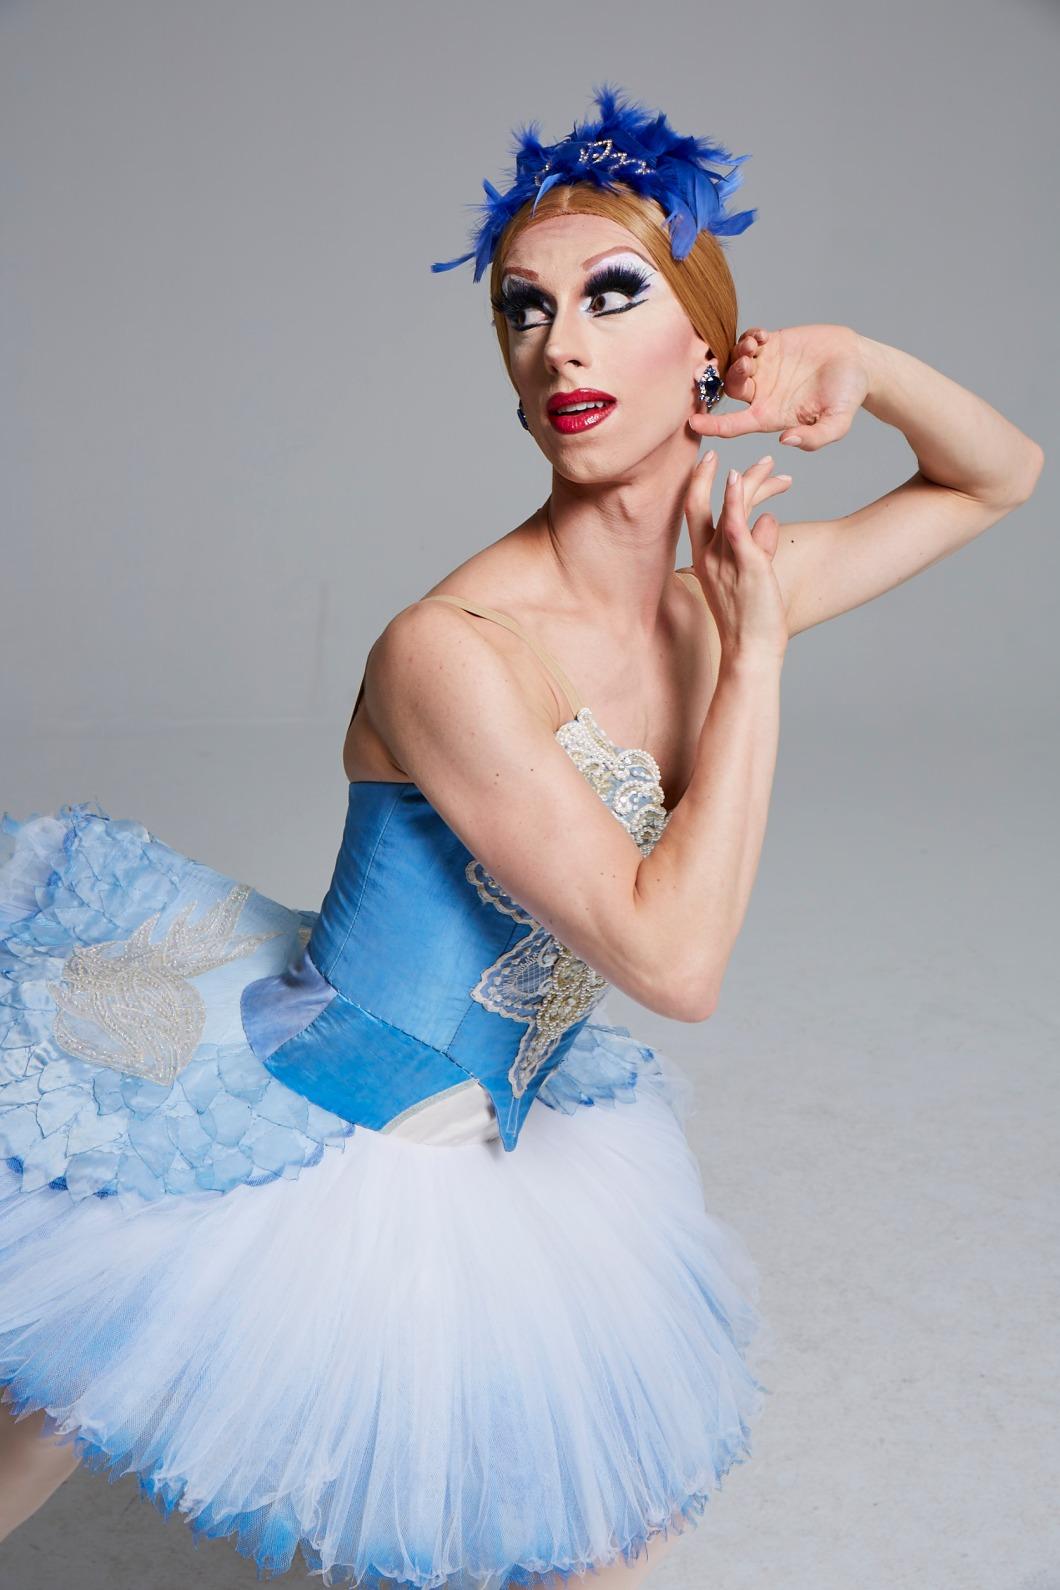 10_ballerina_1356